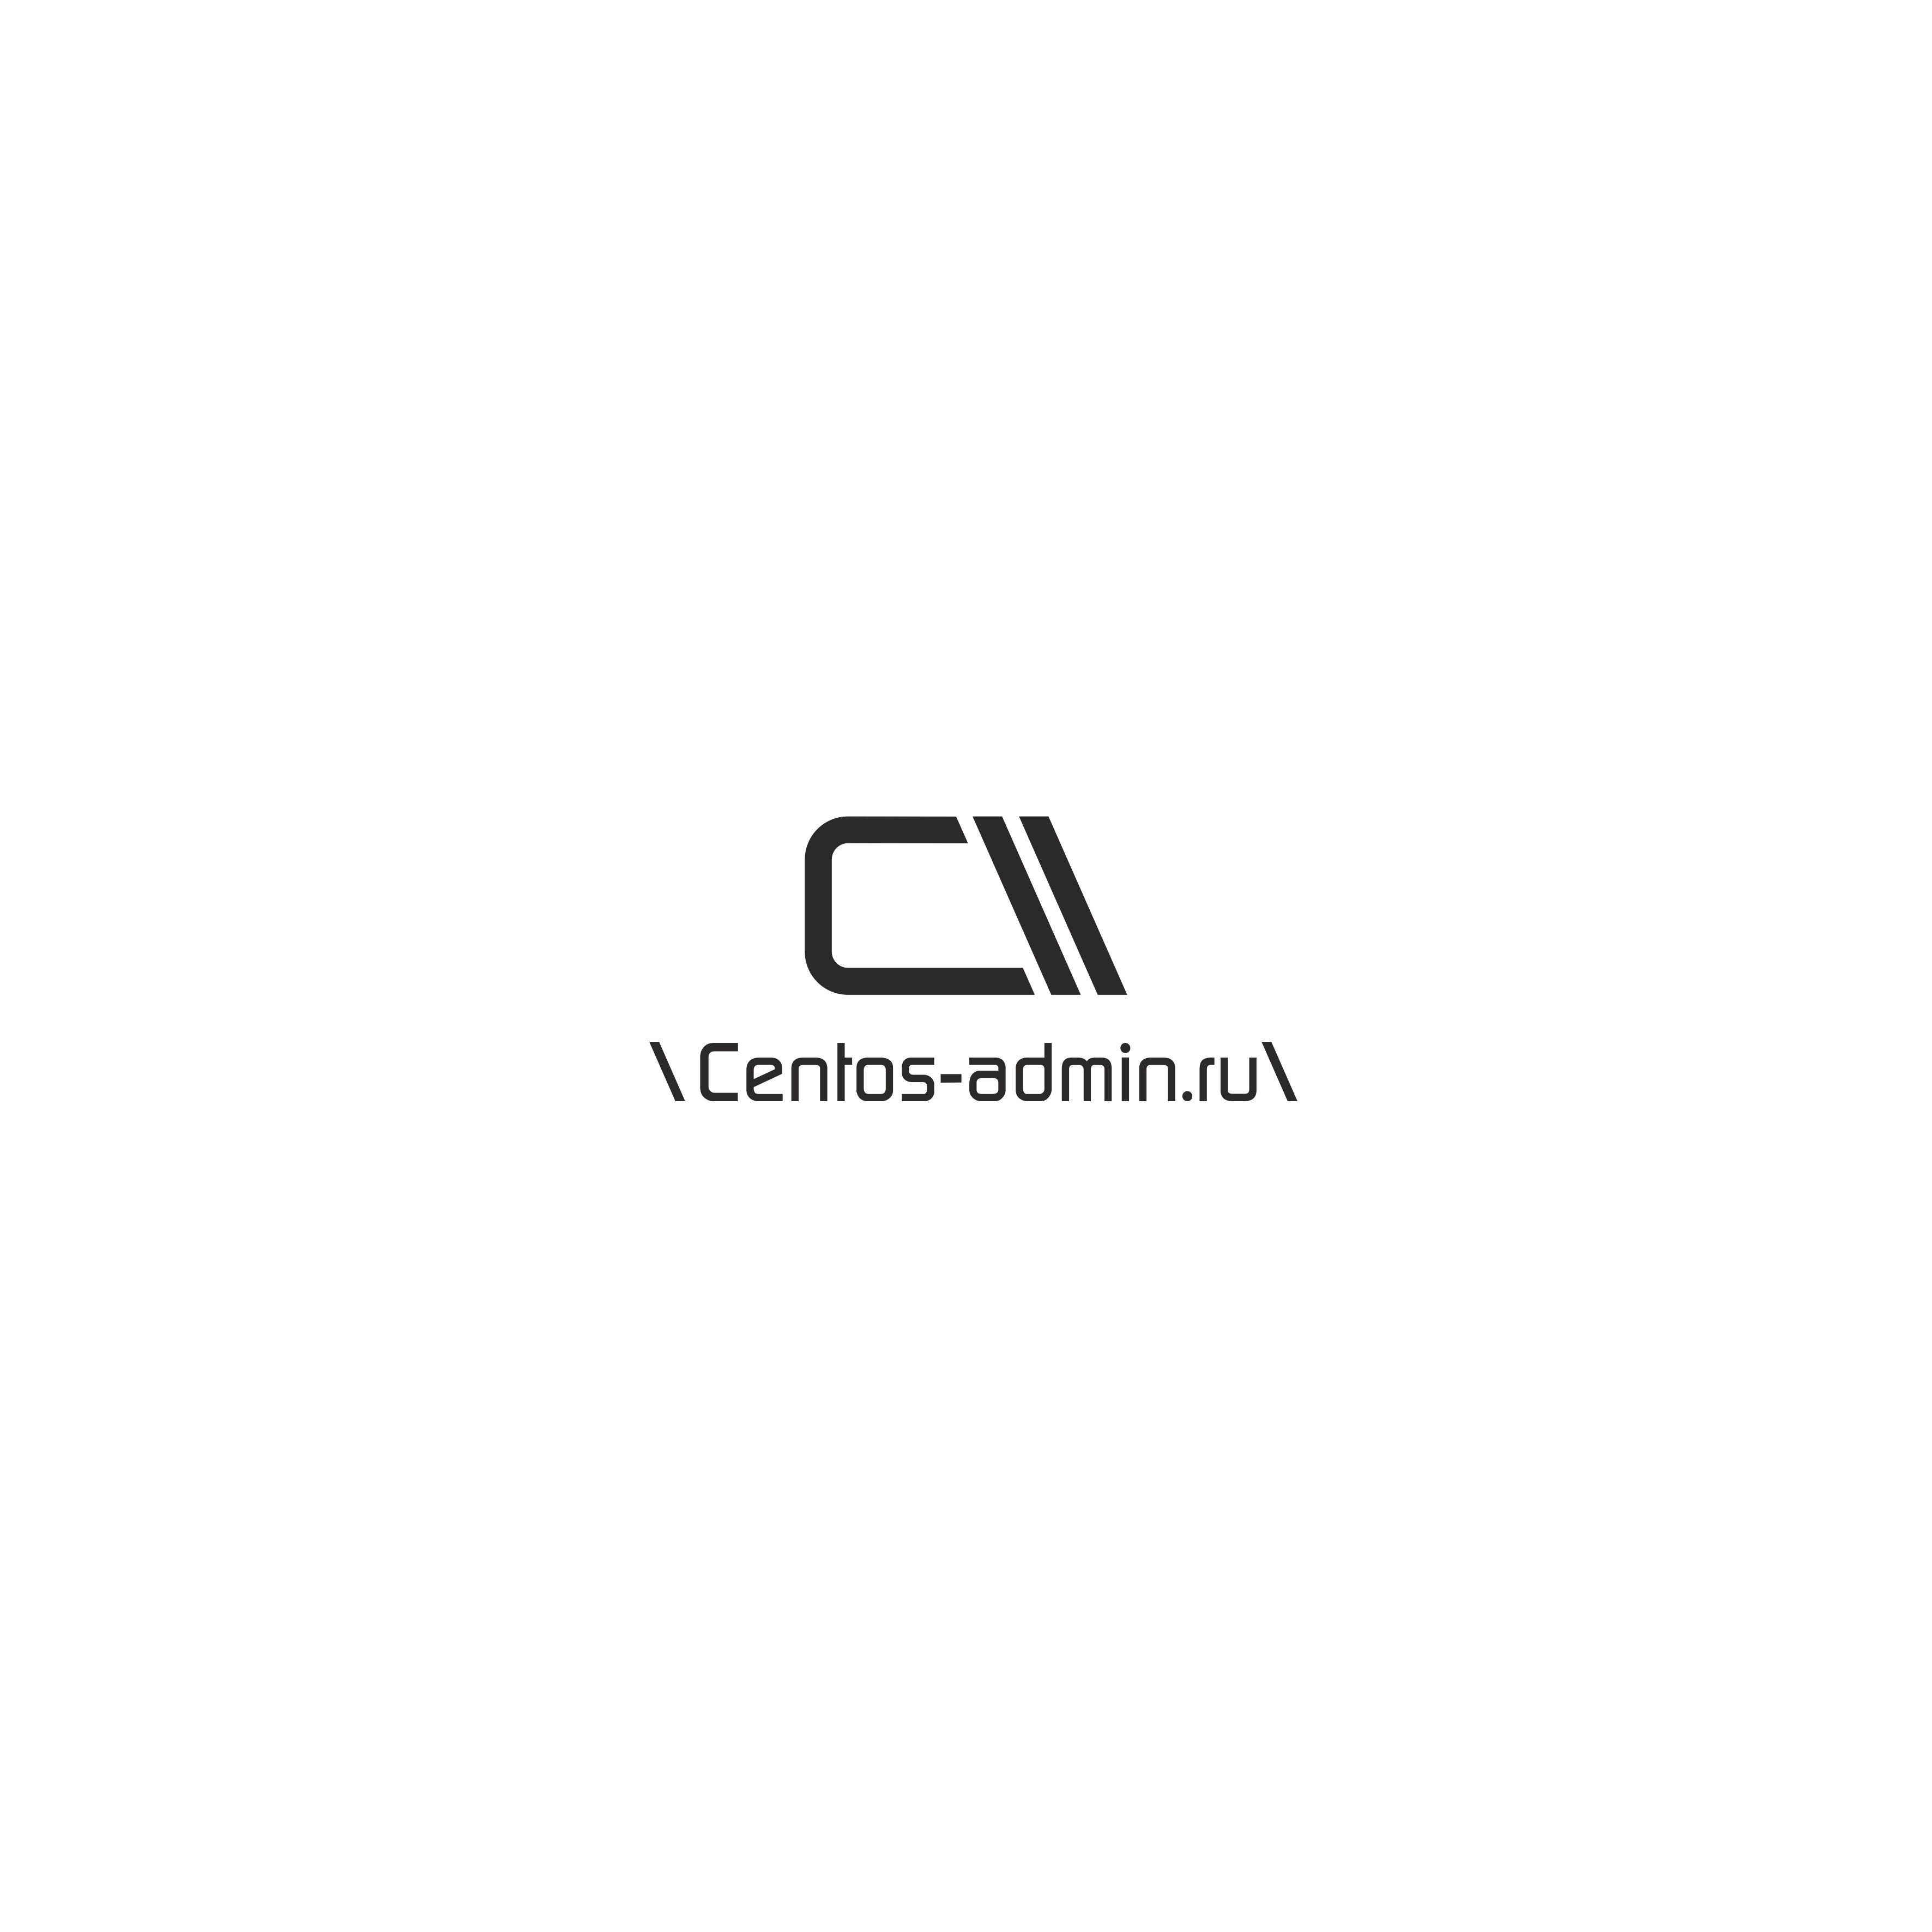 Логотип для компании Centos-admin.ru - дизайнер sviaznoyy